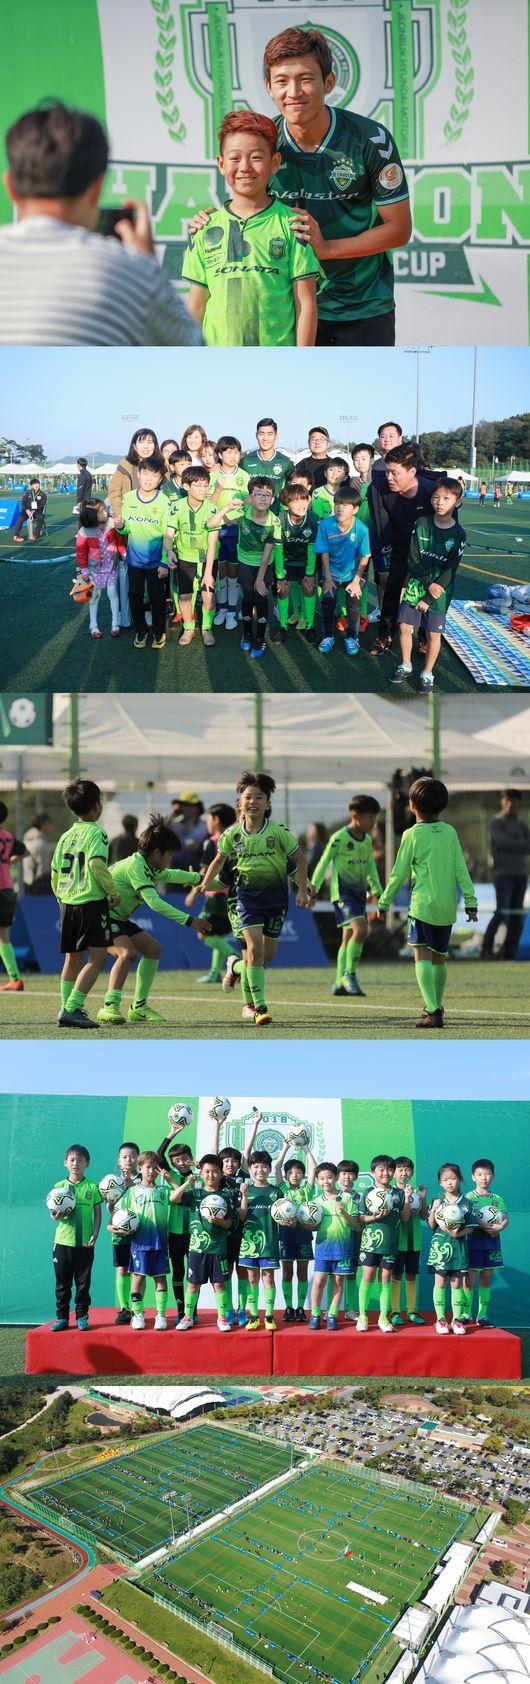 V6 달성 전북, 2018 그린스쿨 컵 대회 성료